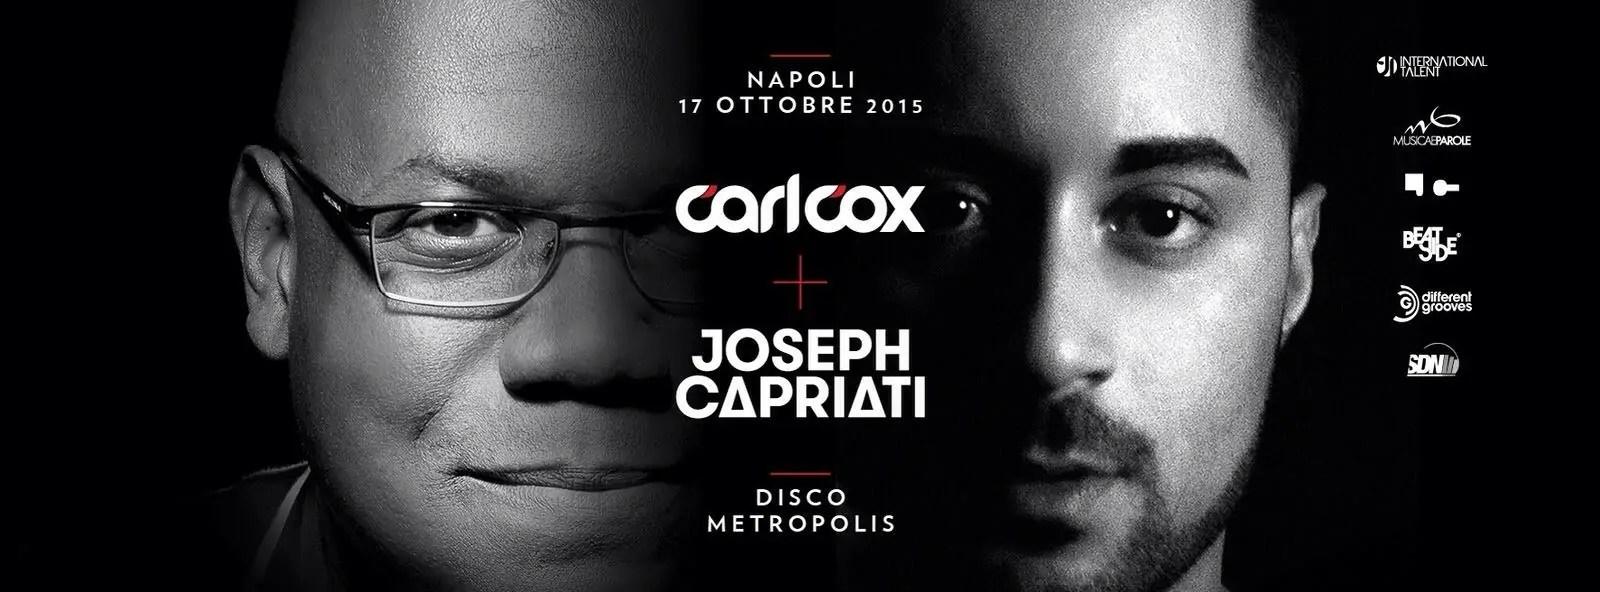 CARL COX JOSEPH CAPRIATI METROPOLIS NAPOLI 17 10 2015